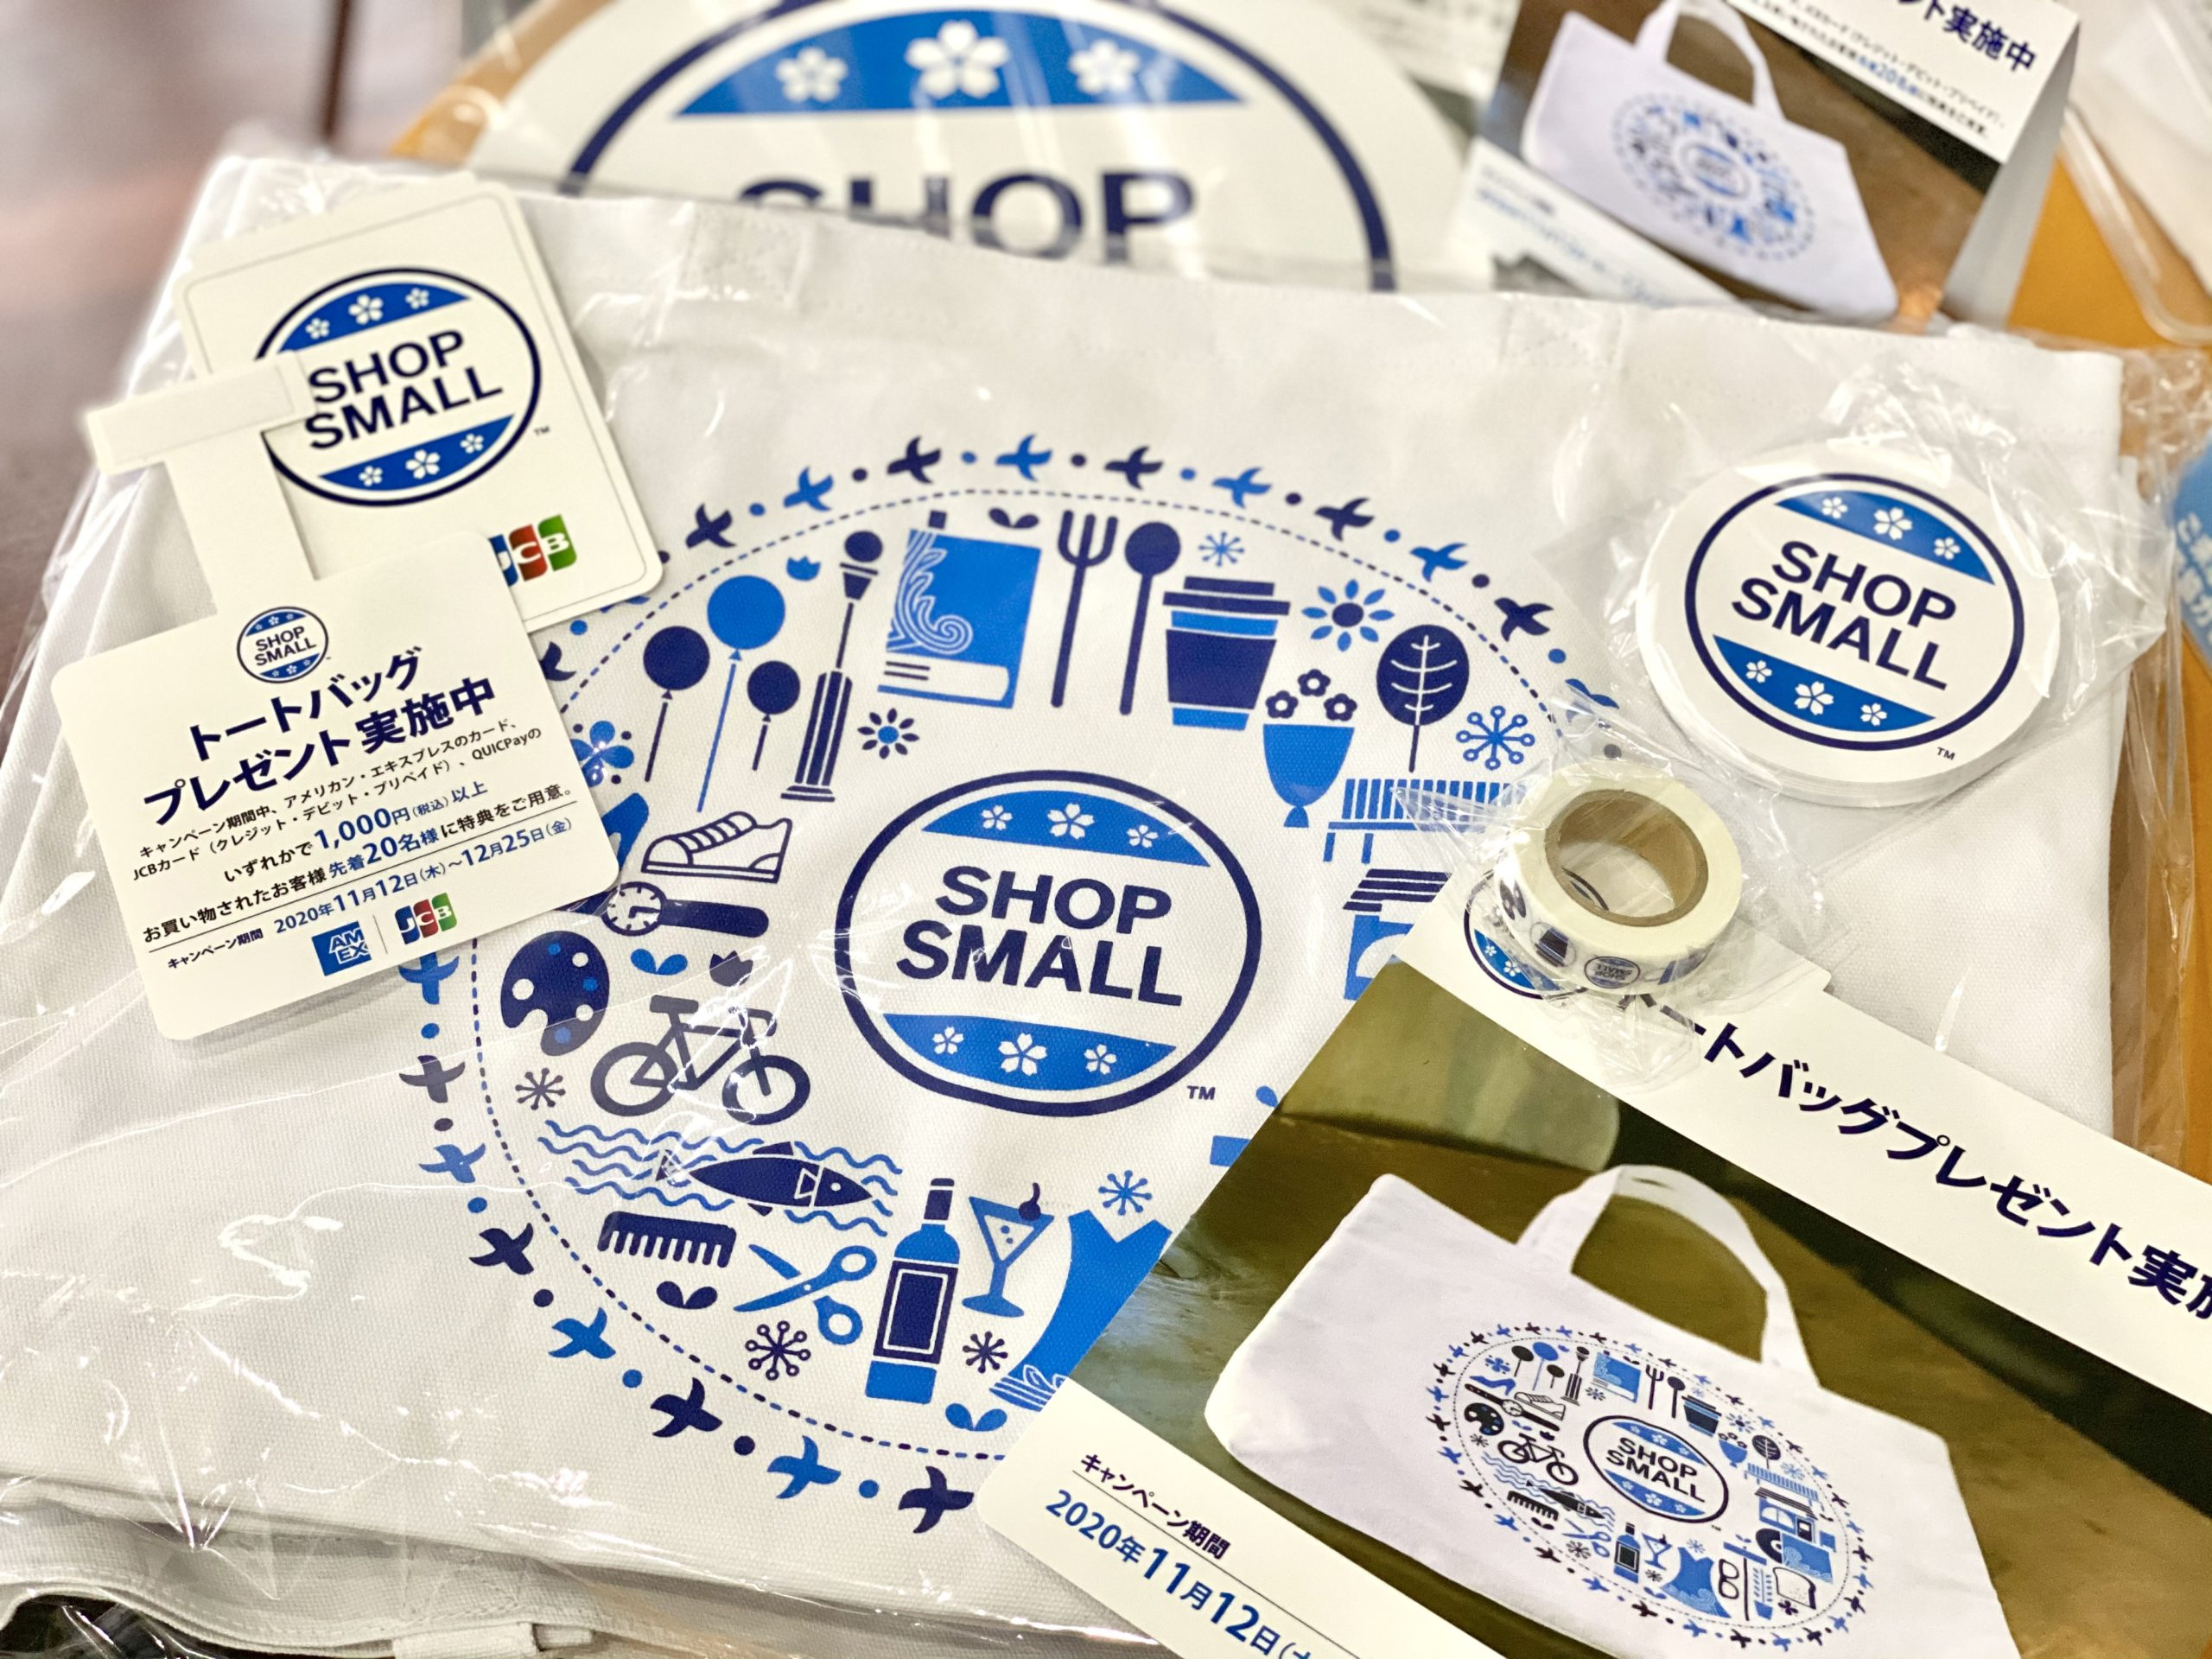 アメリカンエキスプレス・JCB「SHOP SMALLプログラム」参加店